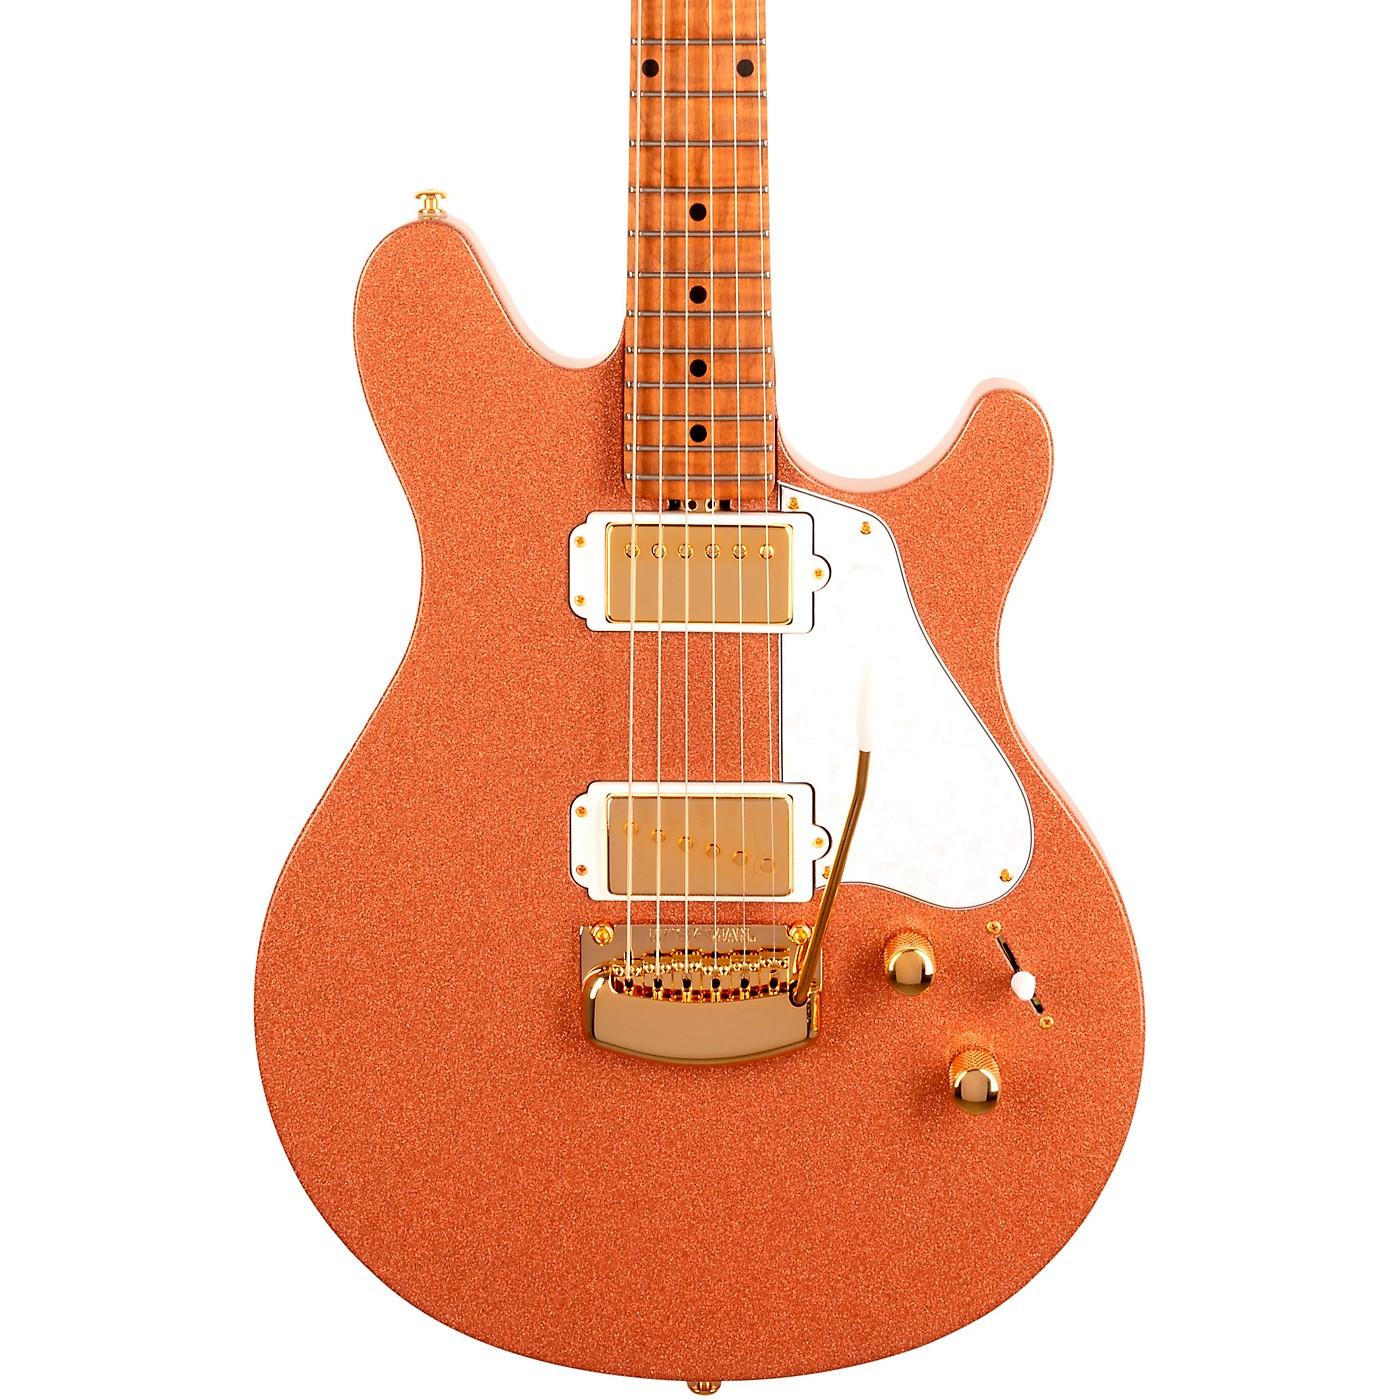 Ernie Ball Music Man Valentine Tremolo Electric Guitar thumbnail